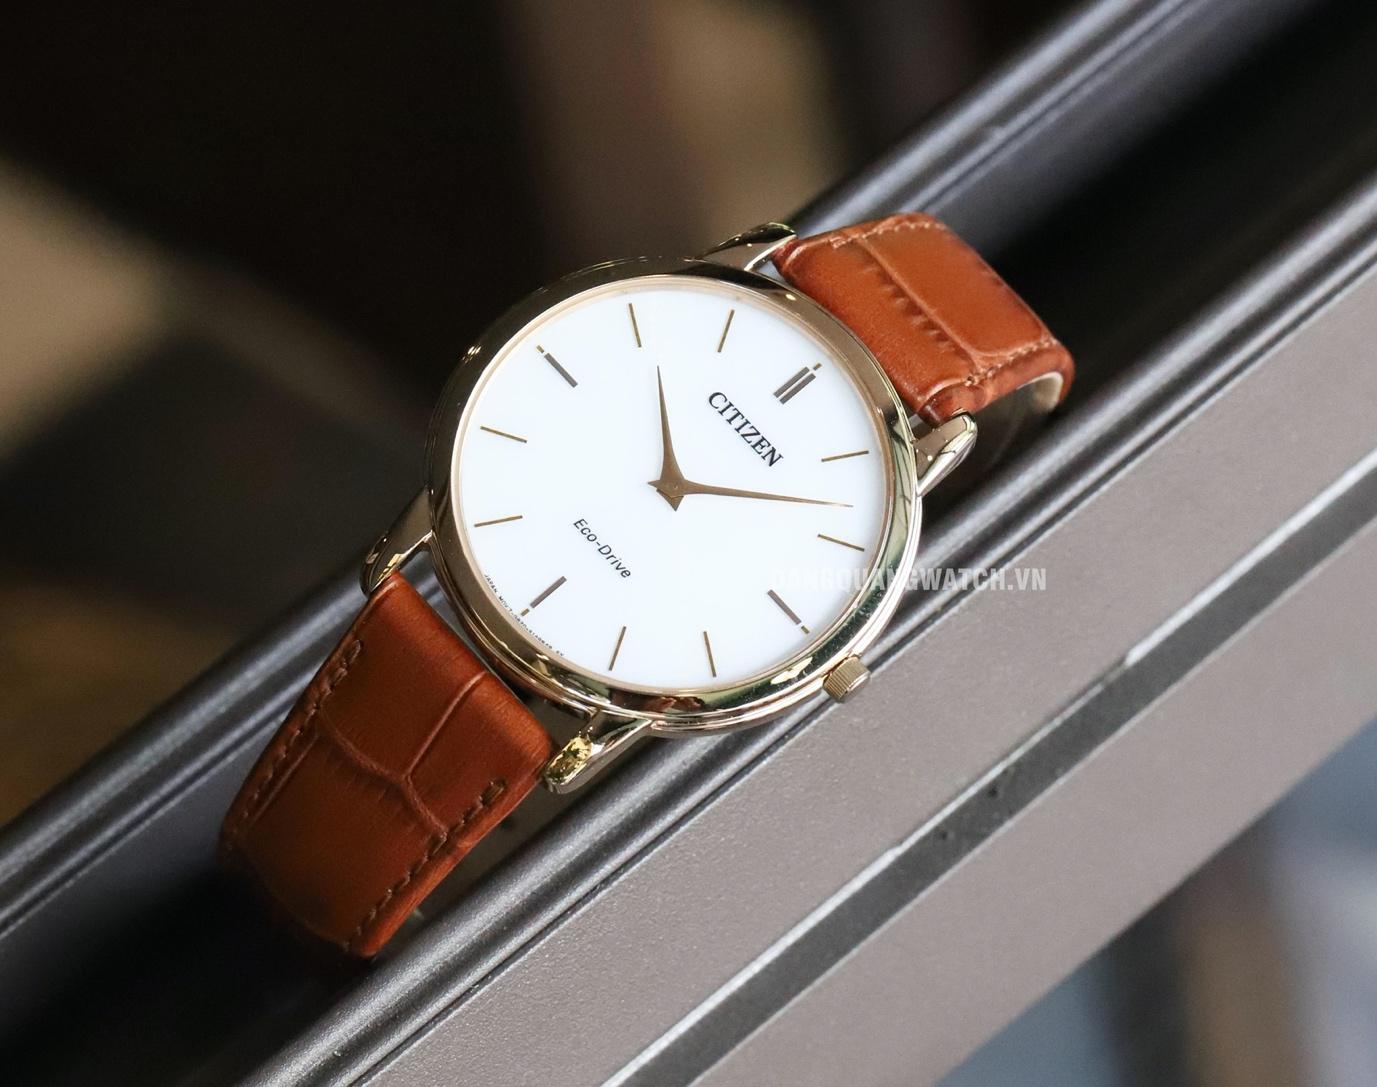 Mua đồng hồ Citizen chính hãng giảm giá tới 40% tại Đăng Quang Watch - Ảnh 2.